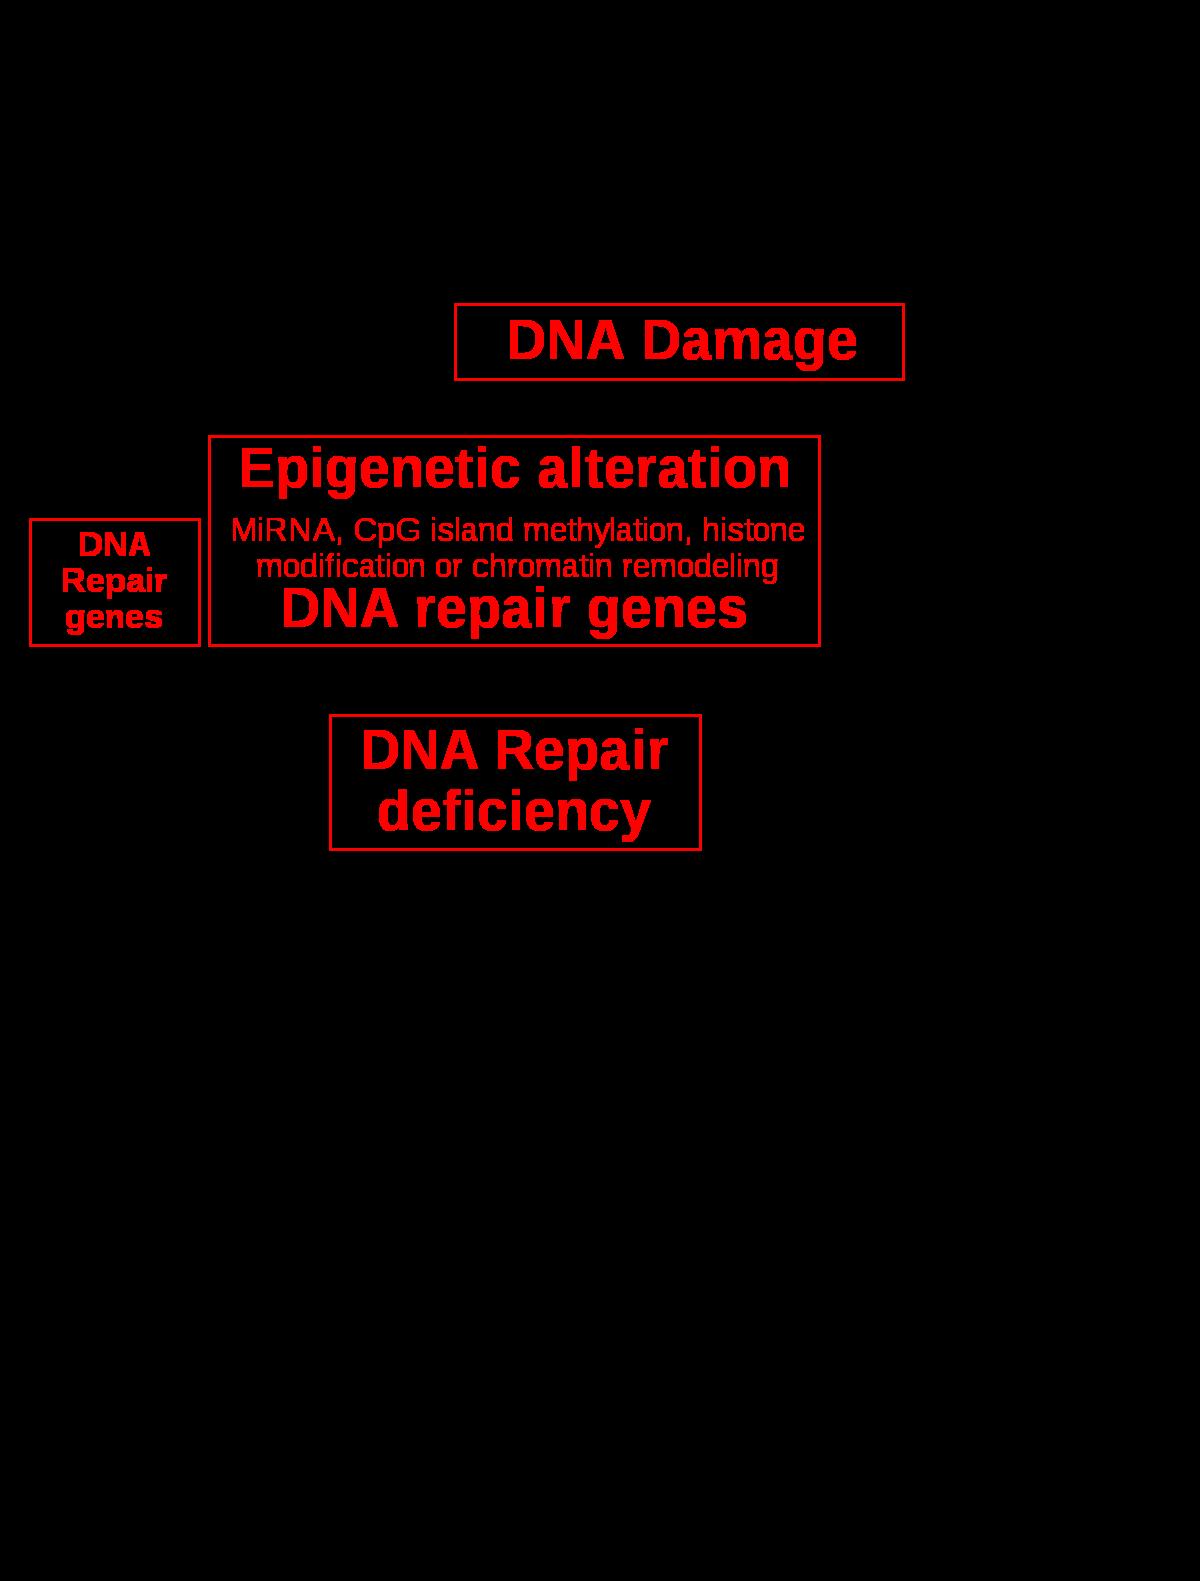 Plázs: A petefészekrák kialakulásáért felelős gének   bestcarwash.hu